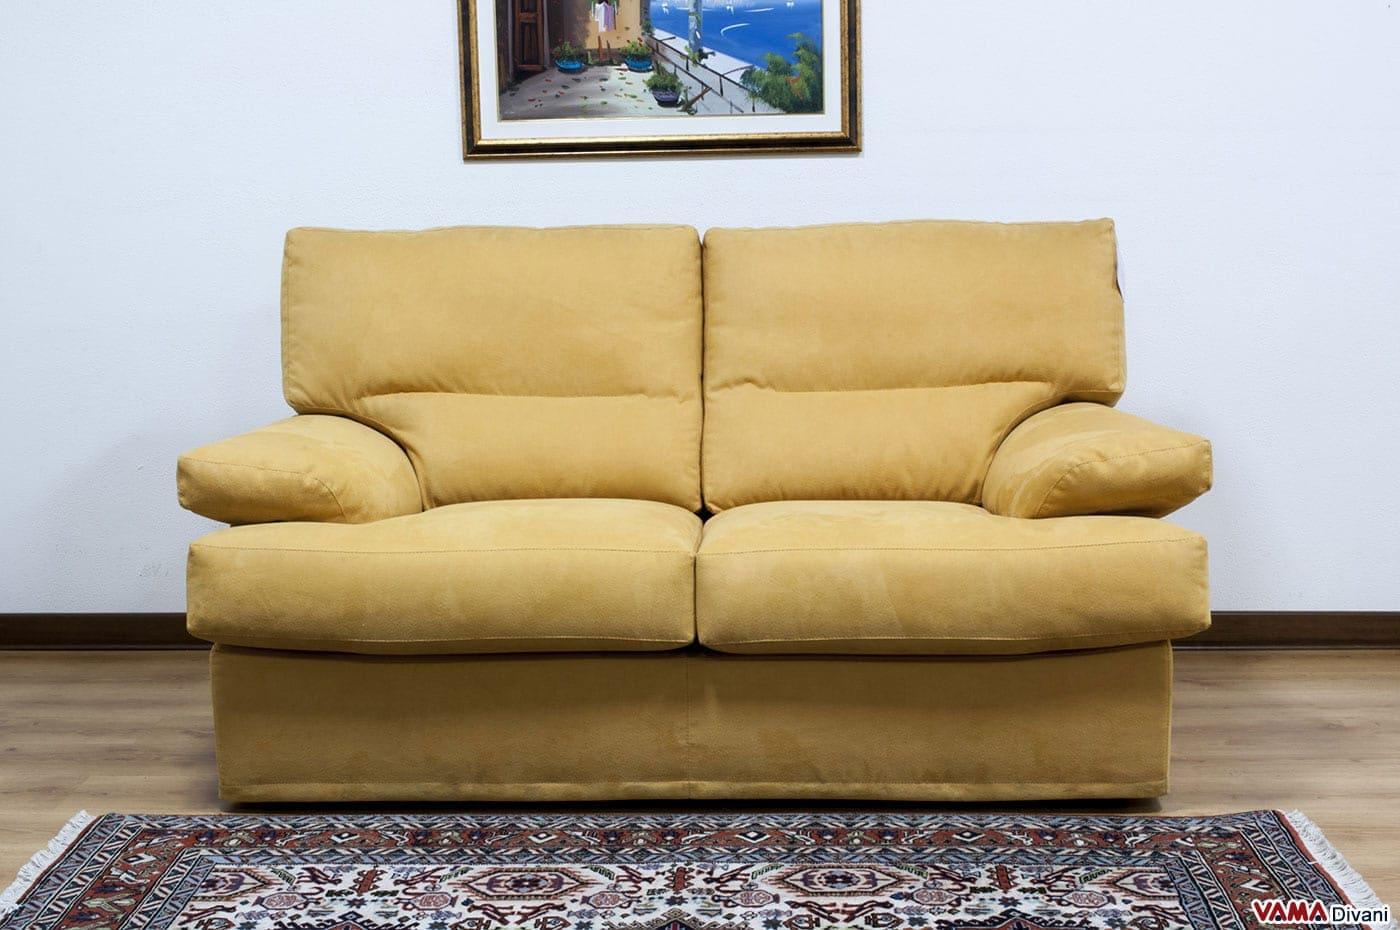 Rima con divano idee per la casa - Divano avenue chateau d ax prezzo ...